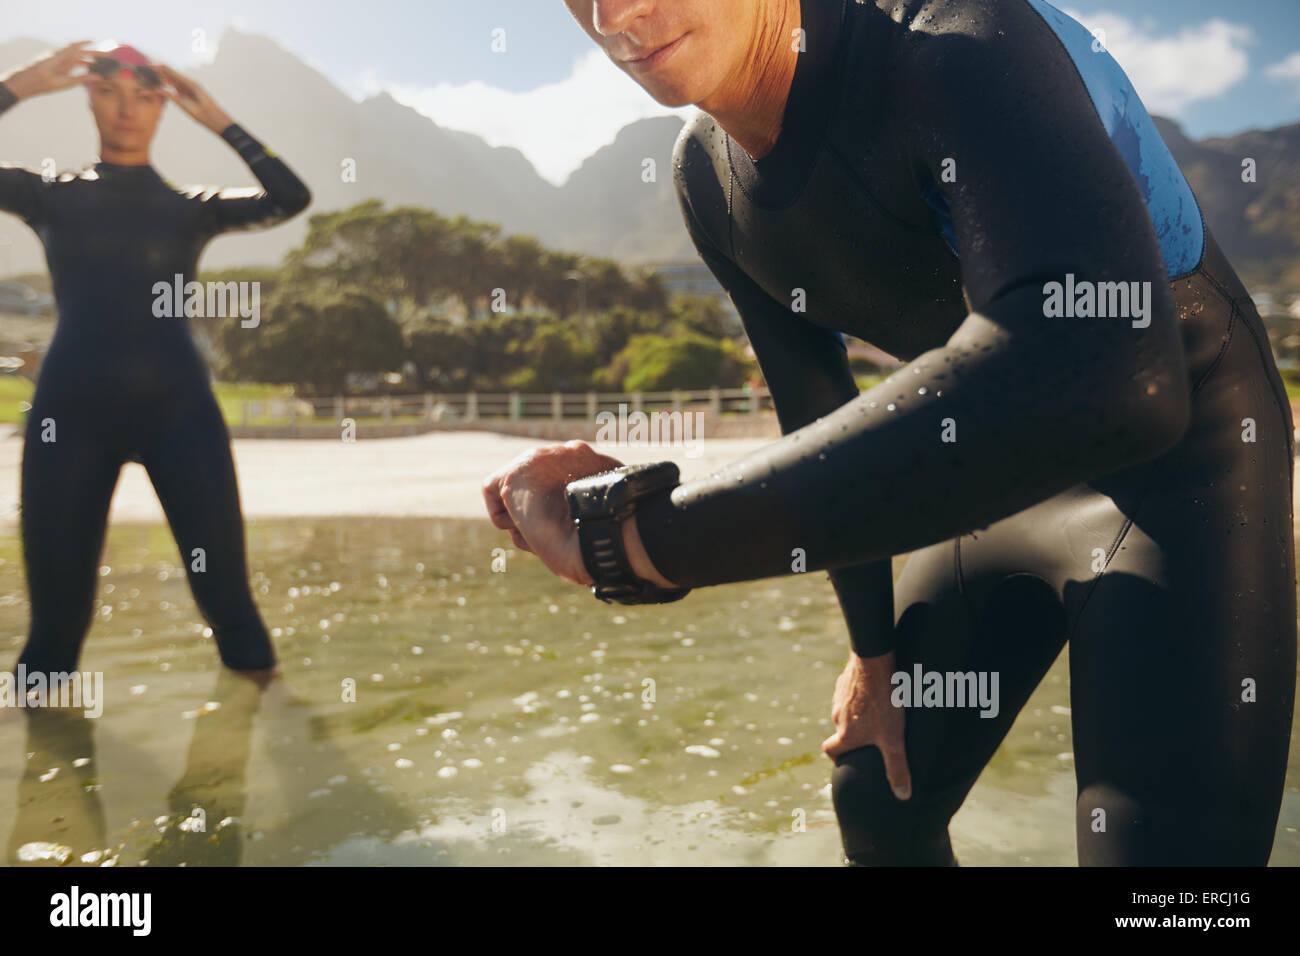 El hombre controlar su temporizador. Los atletas en los trajes de neopreno se preparan para la competencia de triatlón. Imagen De Stock